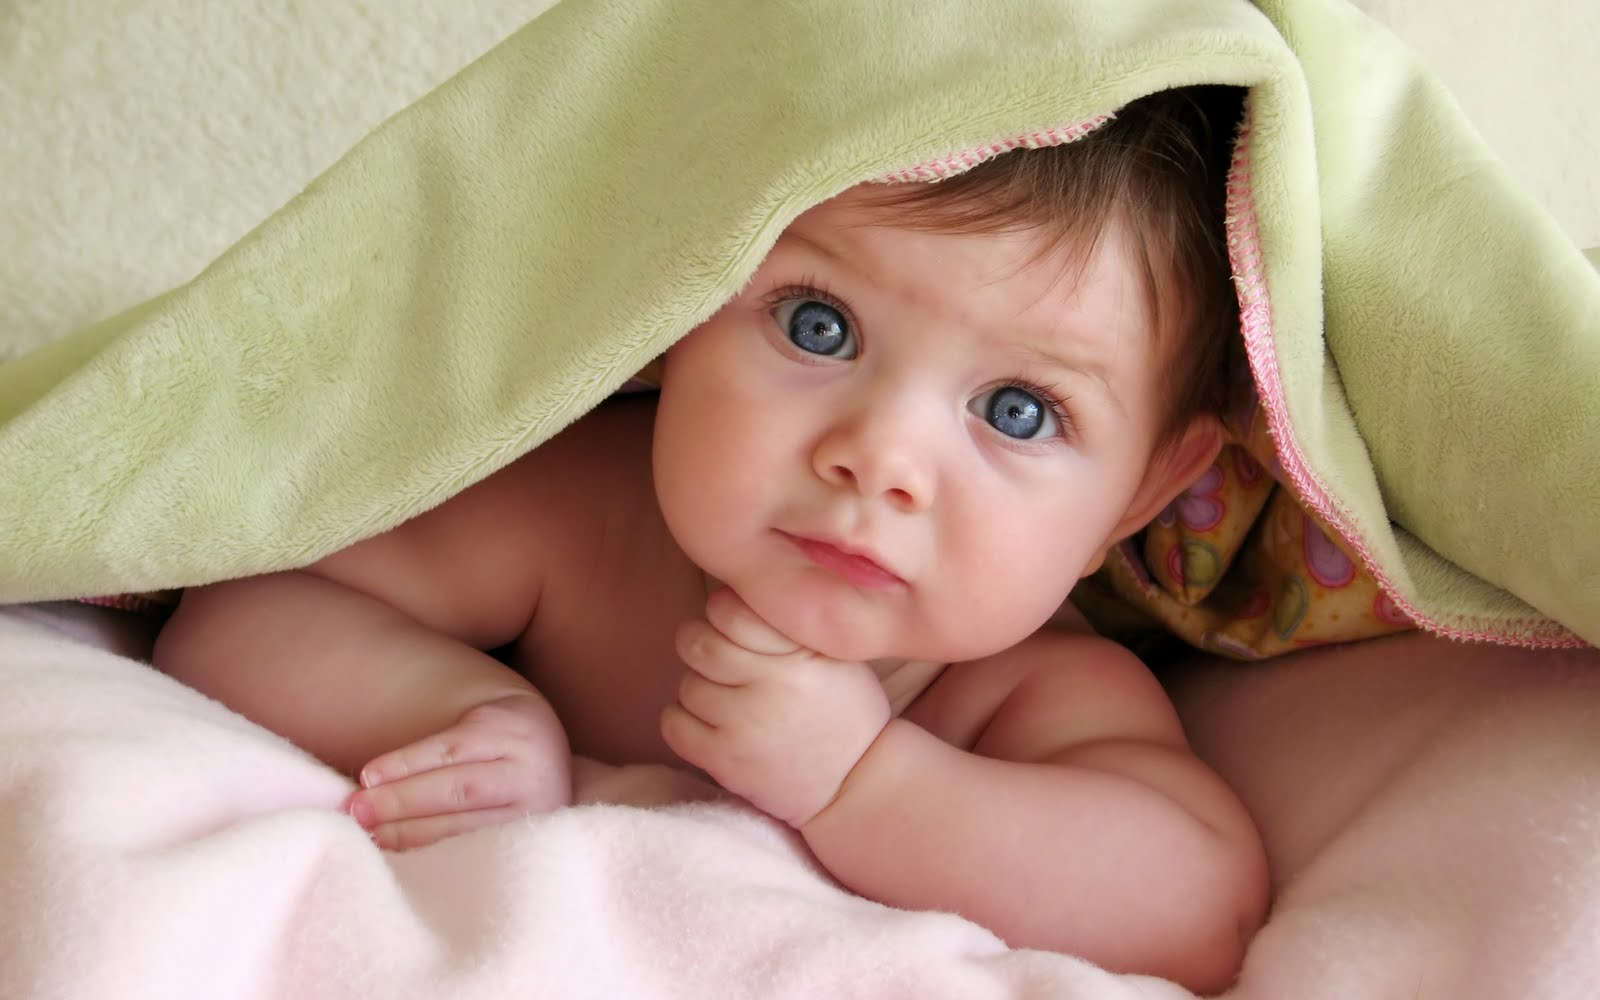 http://2.bp.blogspot.com/_2QHcx0puPFg/S8lIzOxWGvI/AAAAAAAAUC4/CPWu003S1iA/s1600/cute-kid-picture-wallpaper-2560x1600.jpg